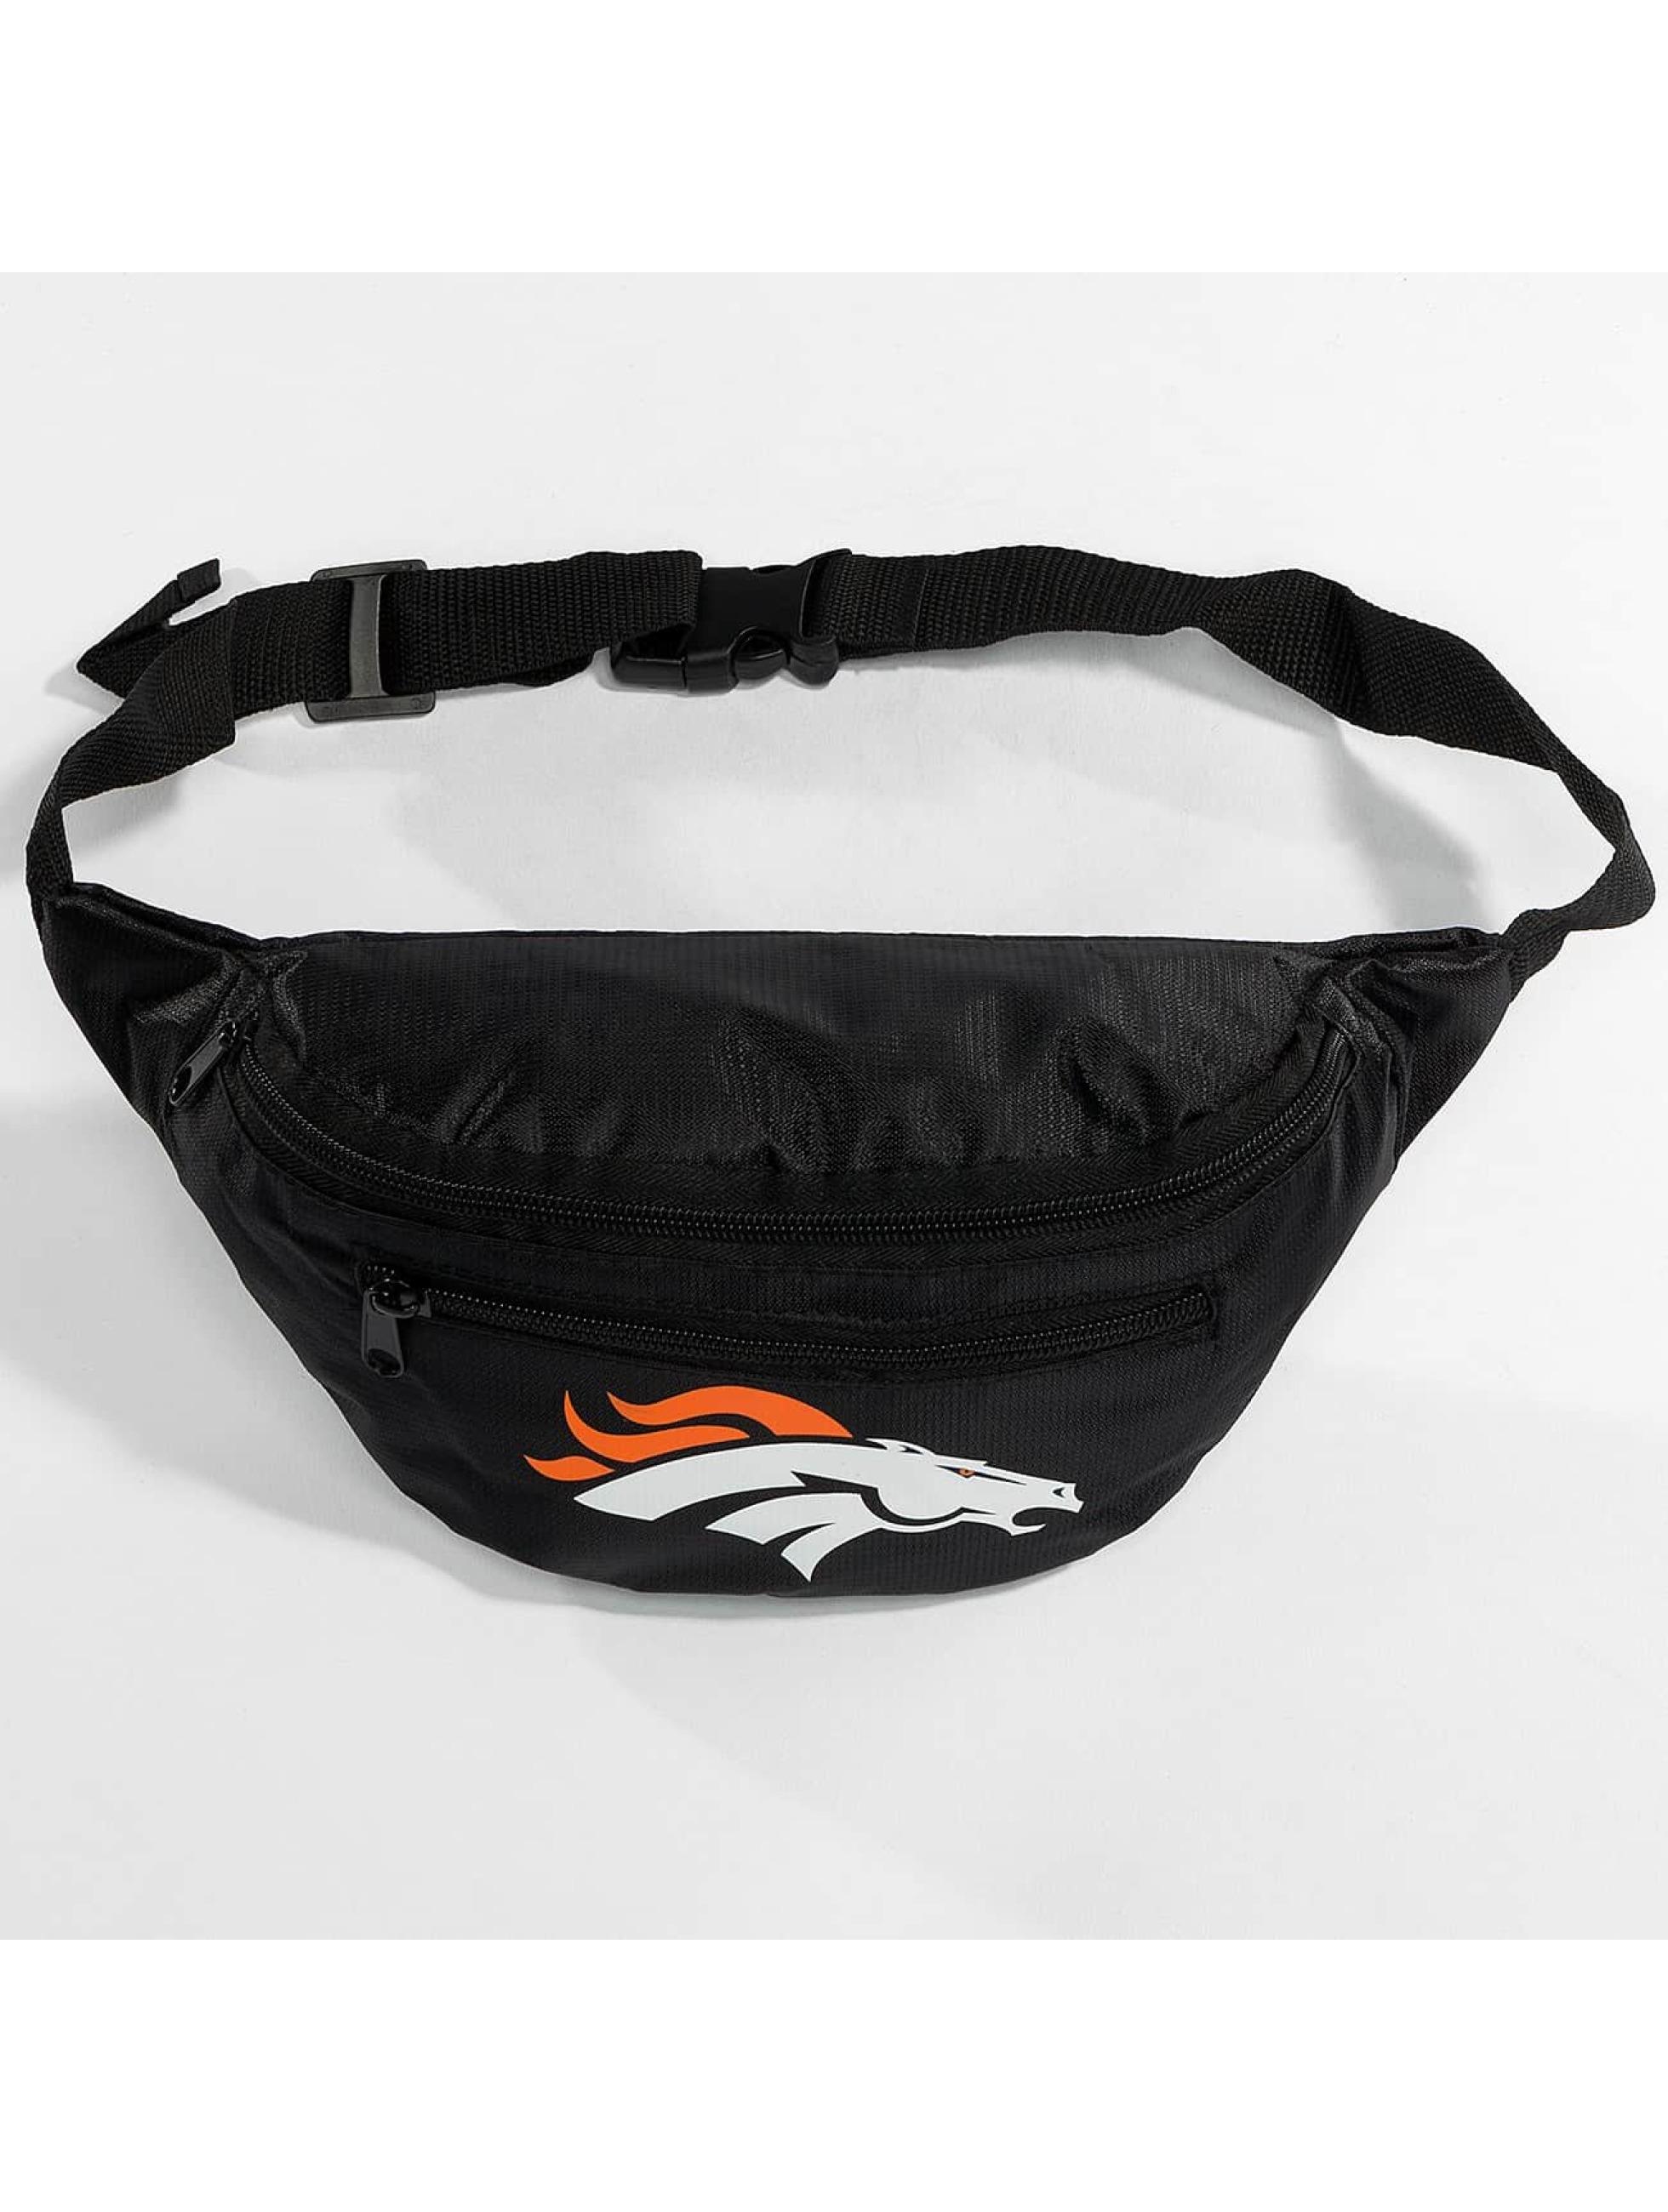 Forever Collectibles Bag NFL Denver Broncos black